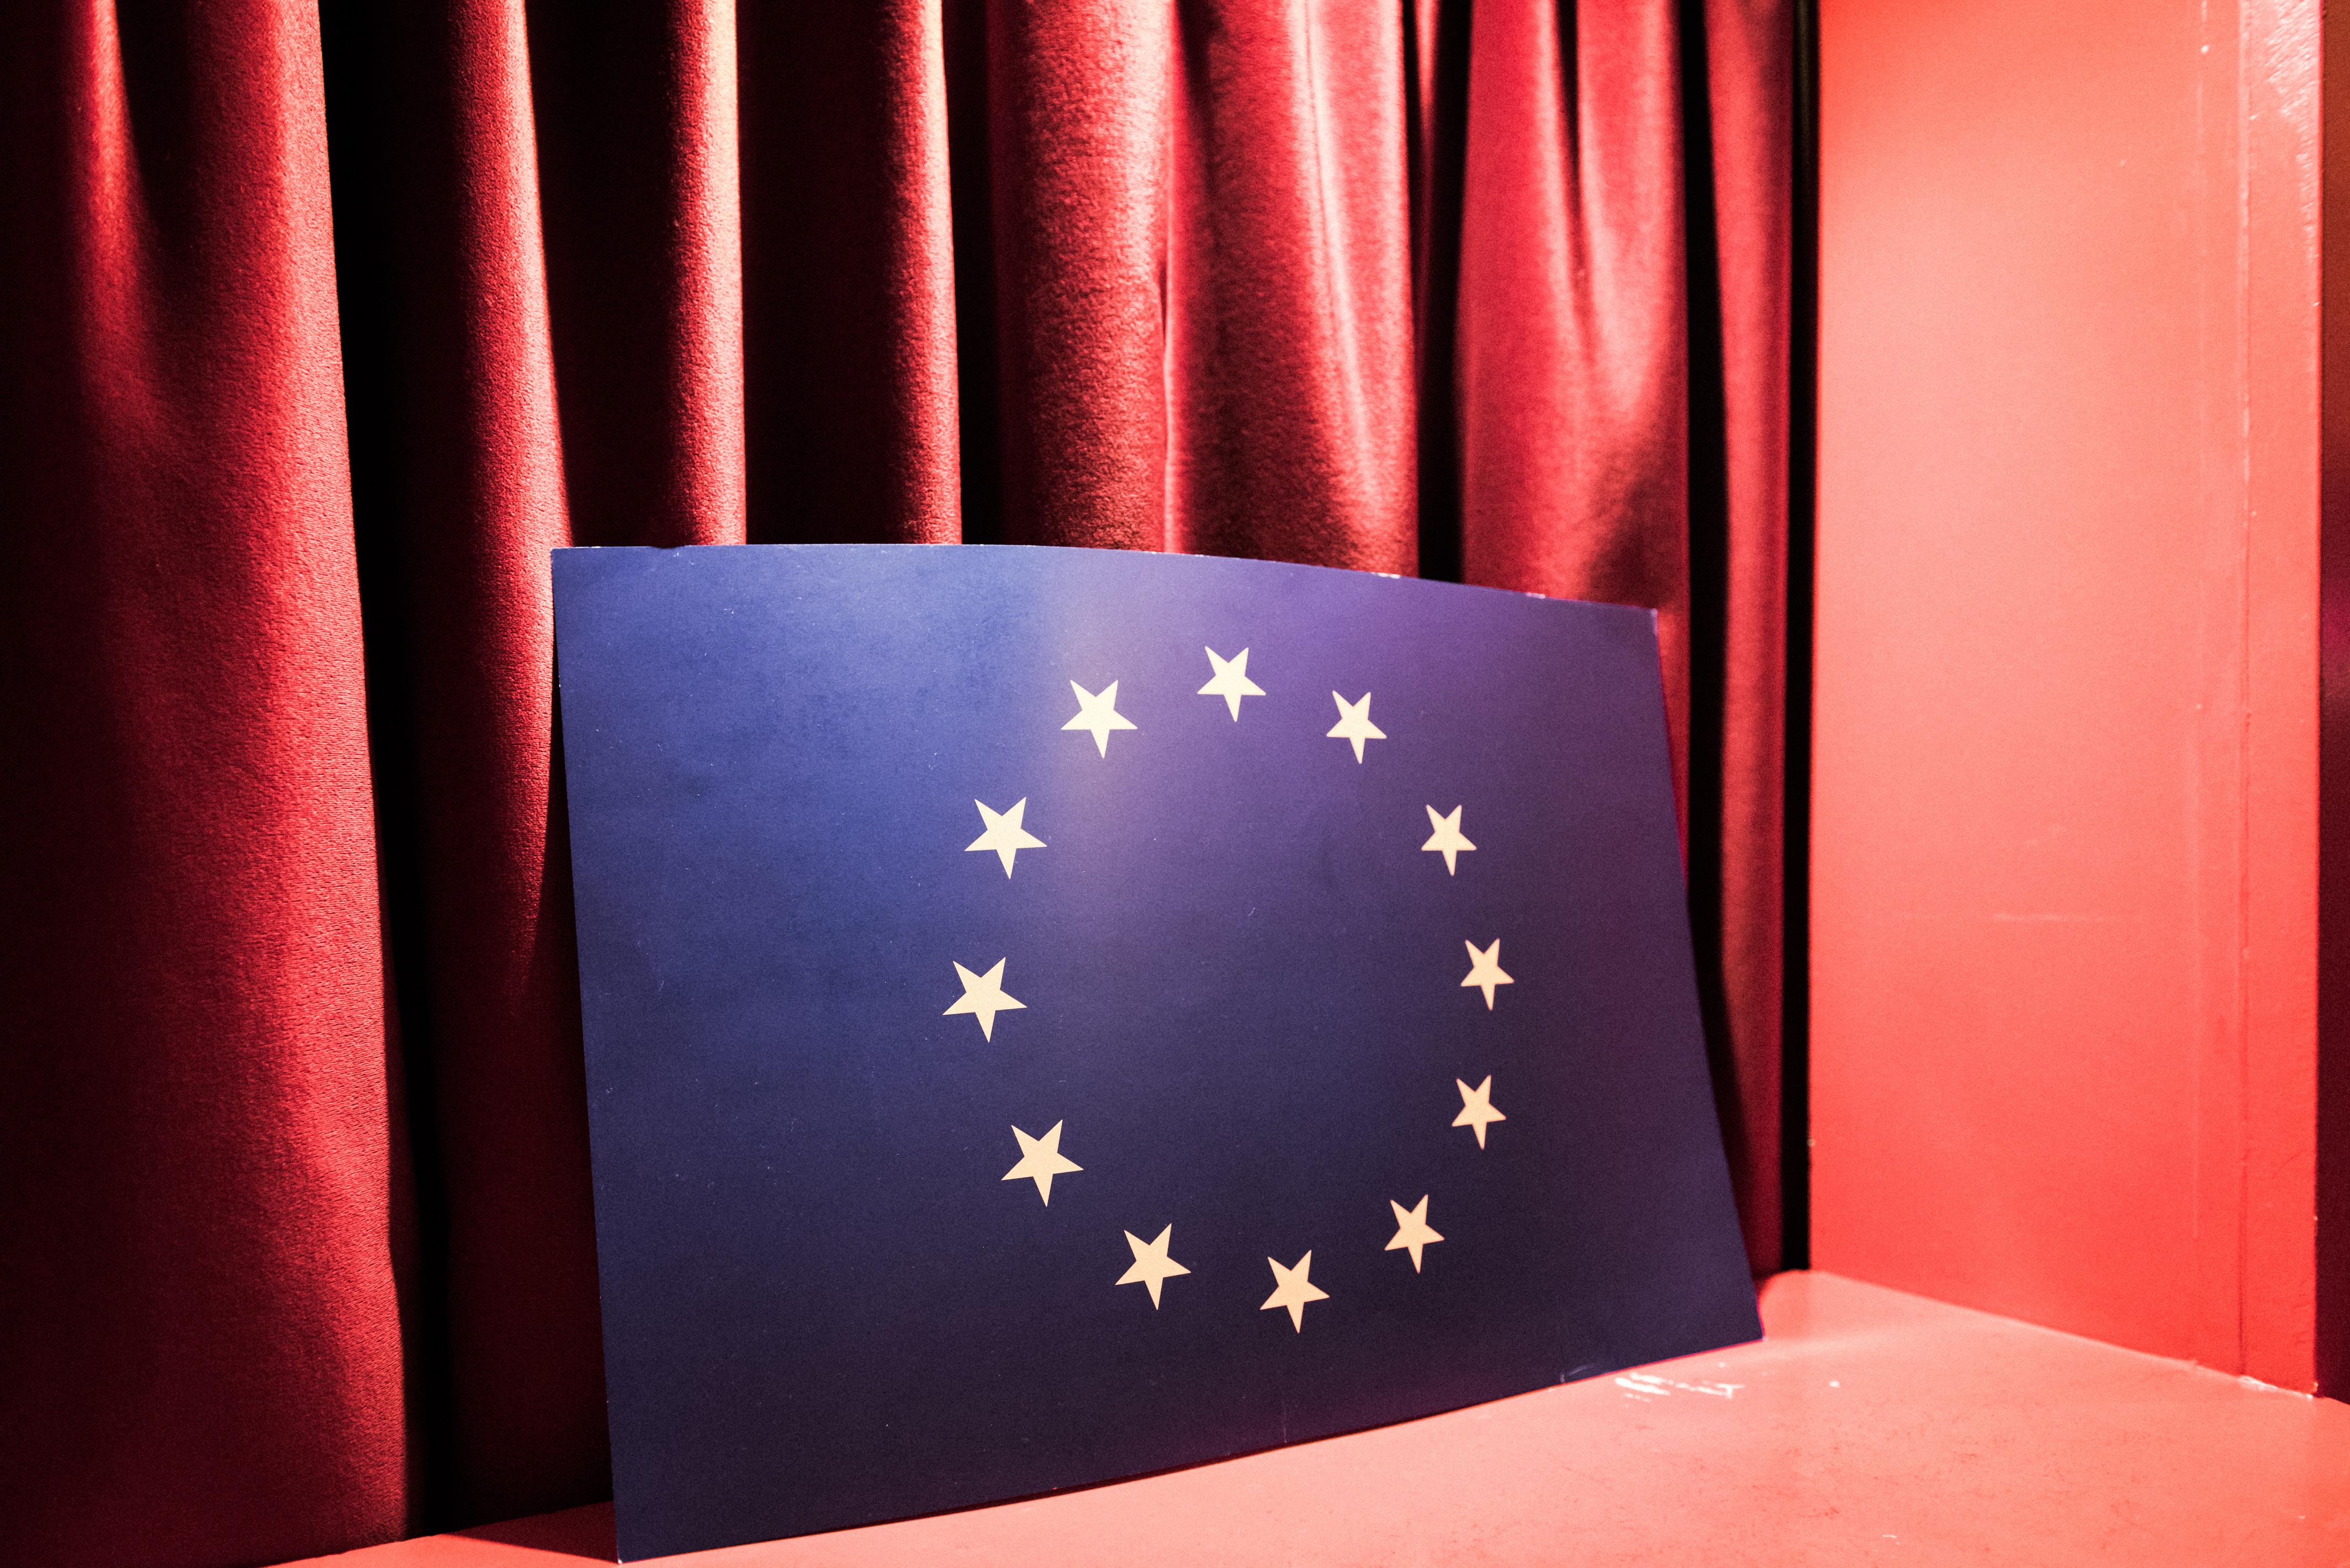 Hétfőtől lehet a külképviseleteken szavazni az EU-n kívüli lakcímmel rendelkezőknek